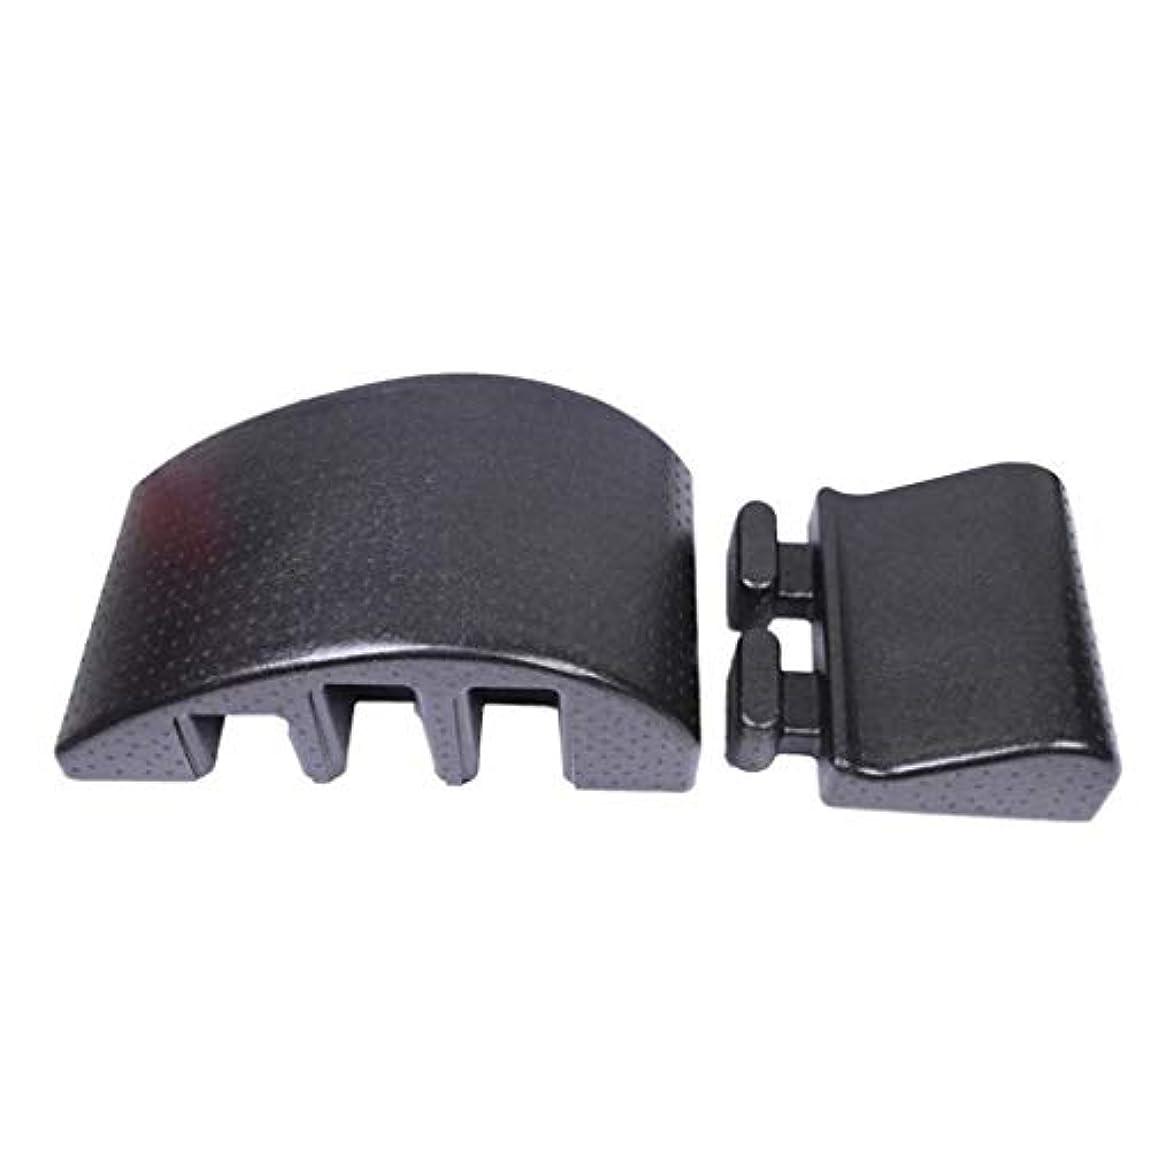 たらいバイオリニスト文明座りがちなサラリーマンに適した背部装具、背中の痛みの緩和、多機能マッサージ、湾曲したマッサージベッドピラティス,黒